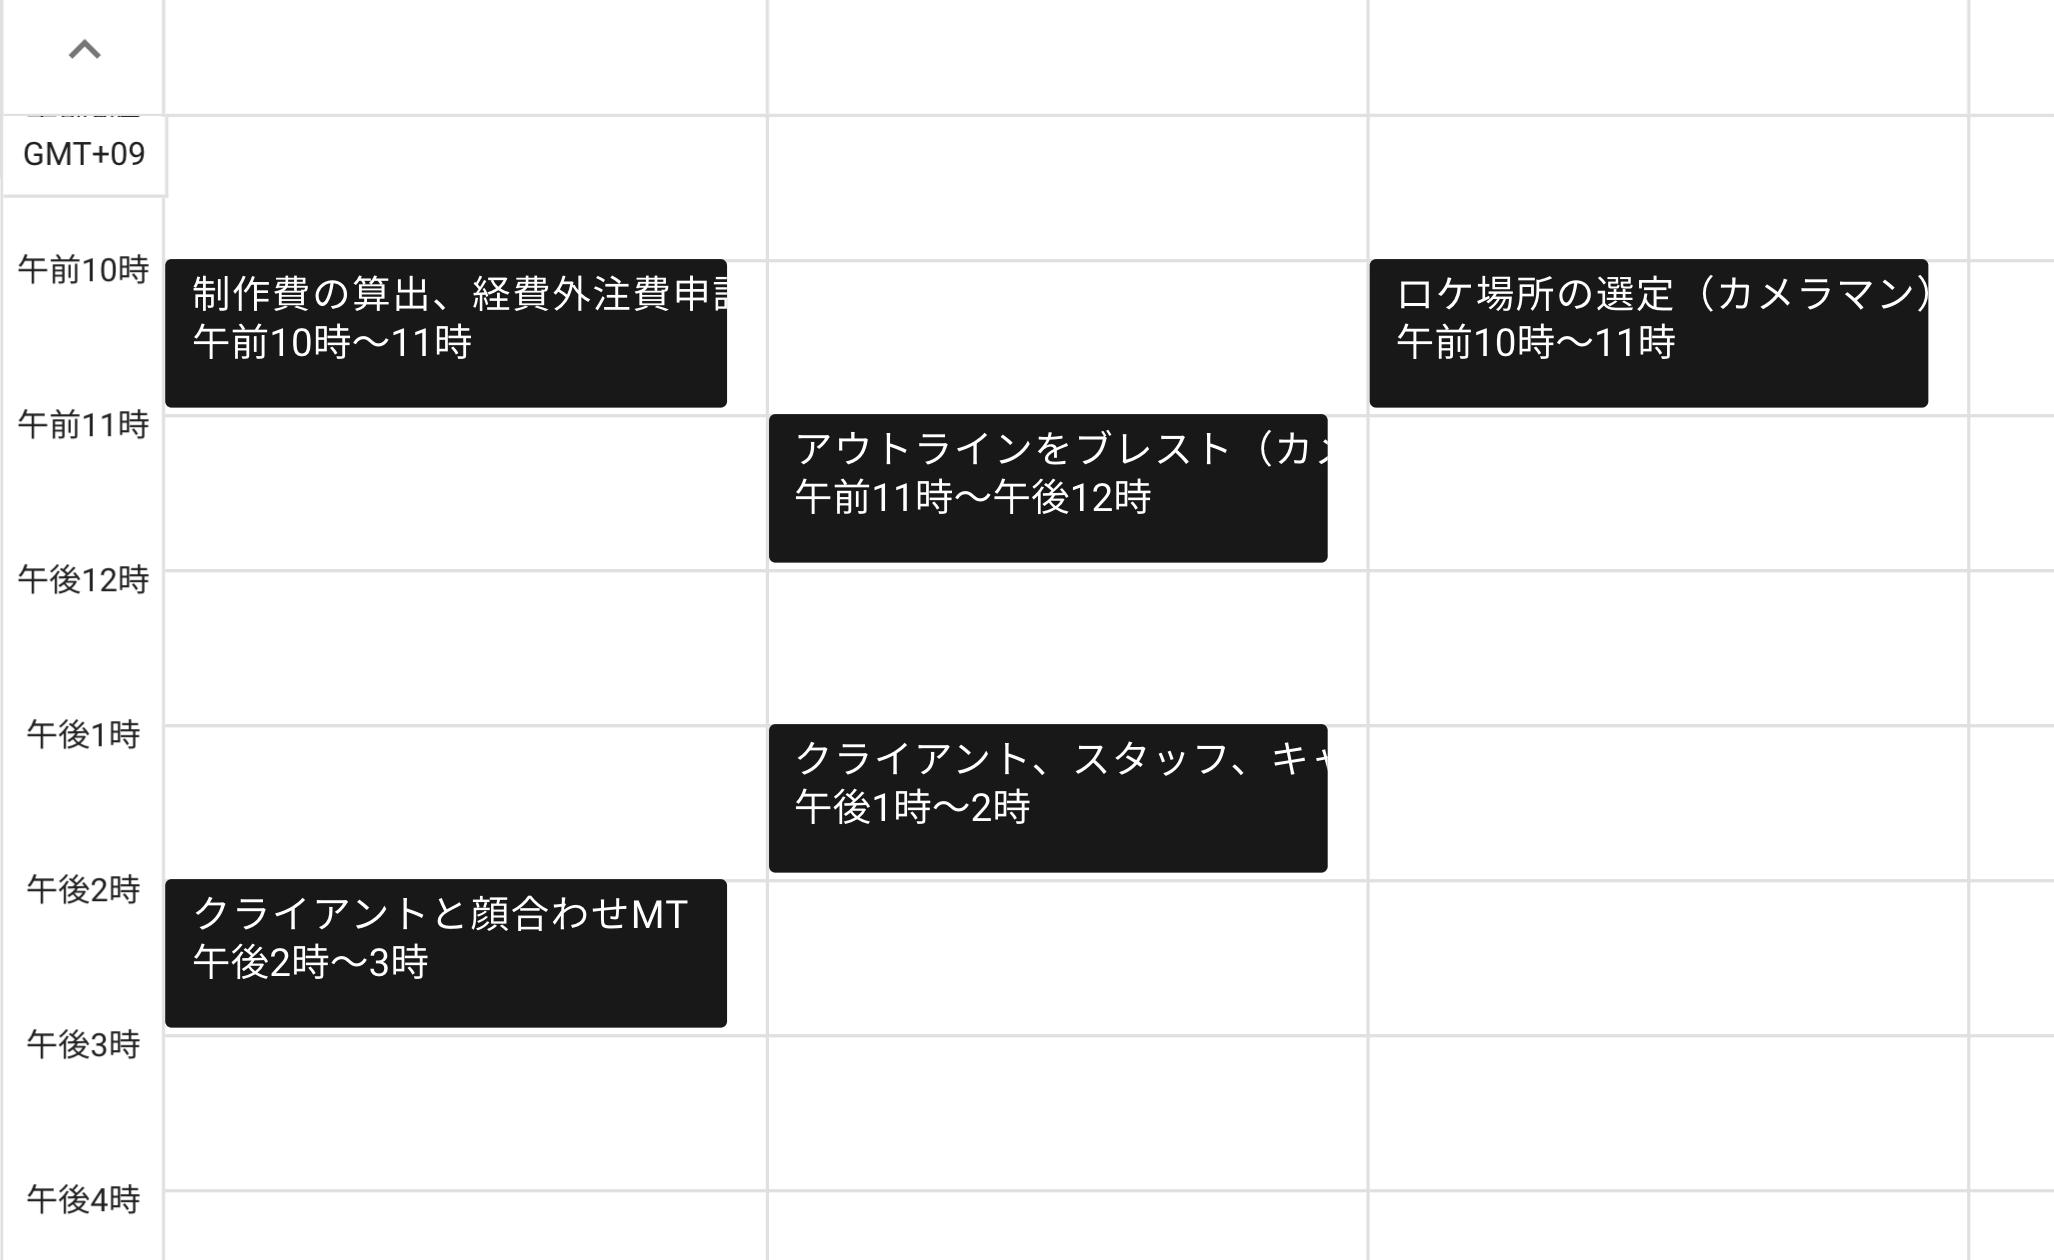 Torioと同期したgoogleカレンダー画面キャプチャ